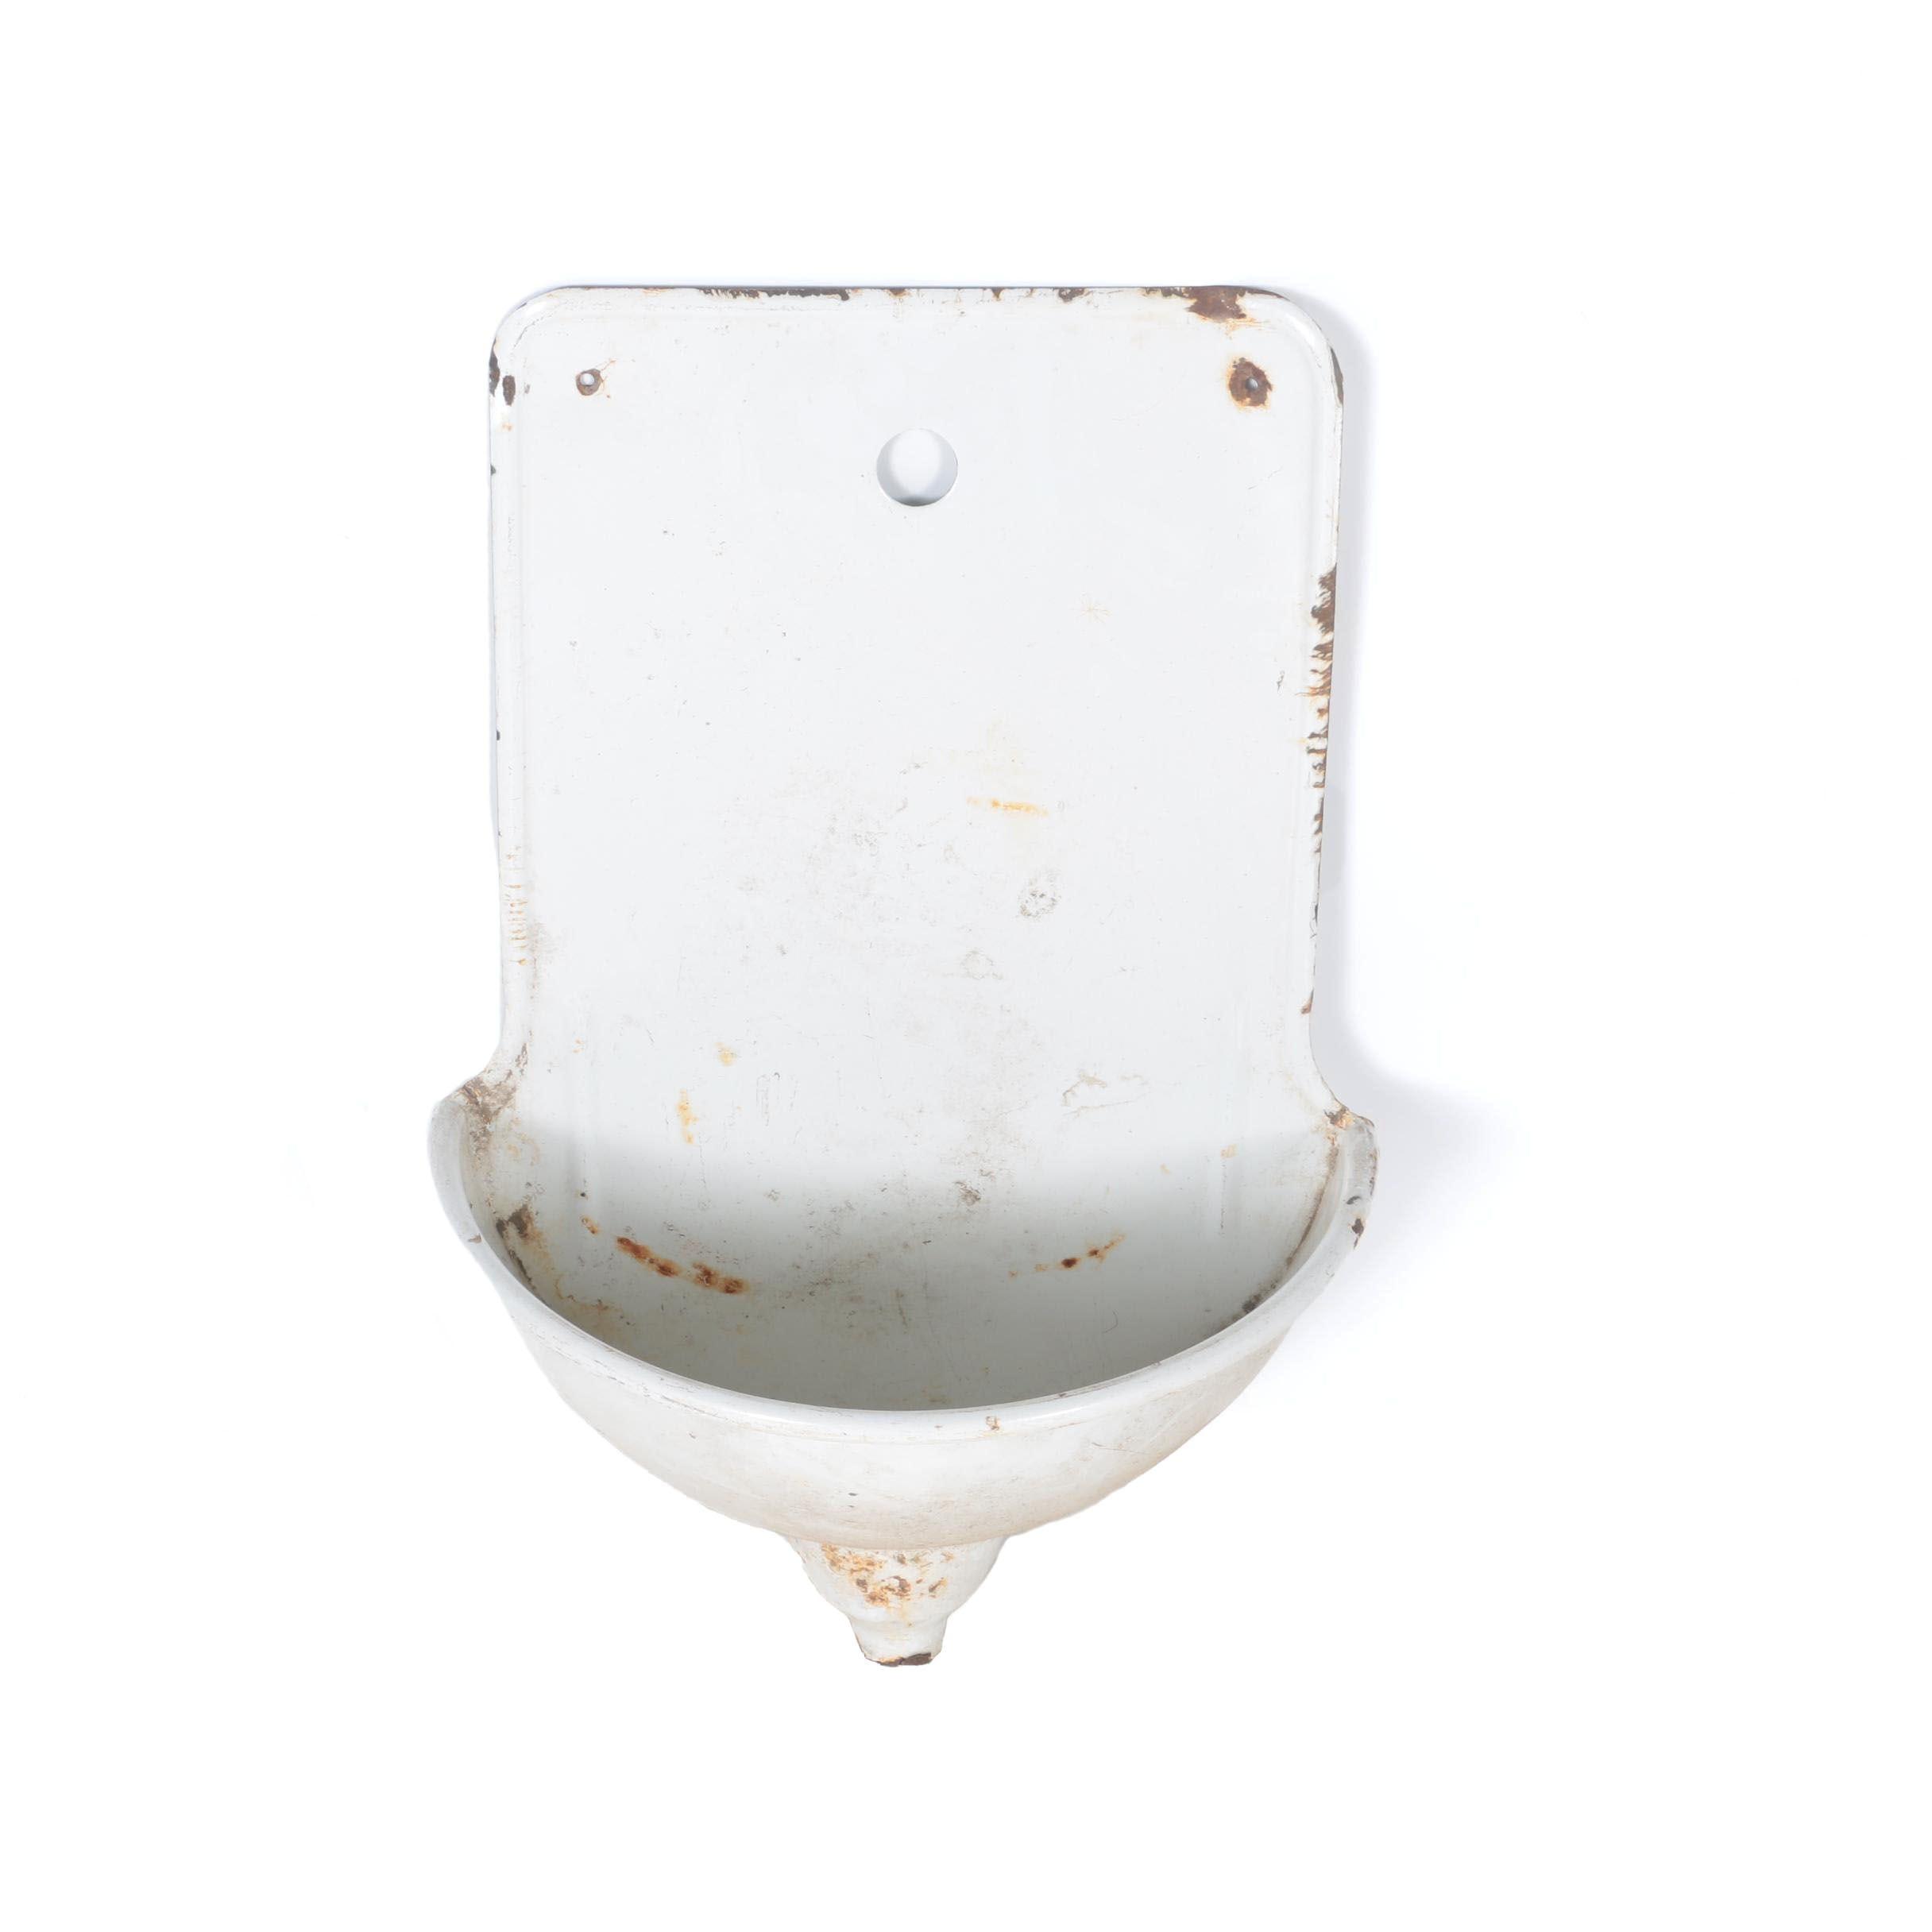 Vintage French Porcelain Enameled Wall Sink